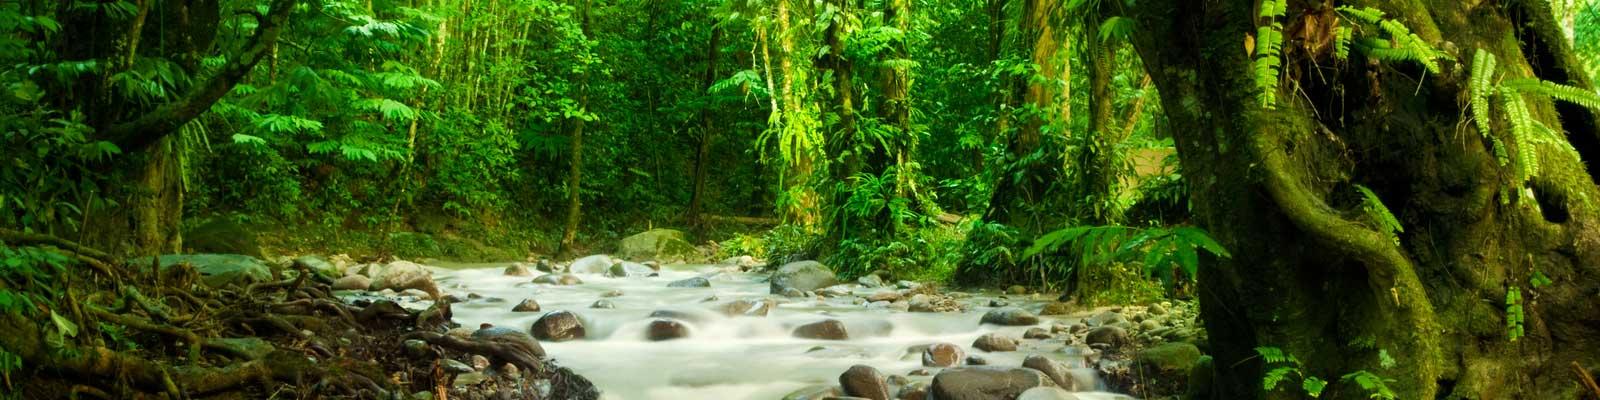 Cachoeira nas Pedras Costa Rica Grandes casas de luxo. Apartamentos na cidade. Para alugar ou vender